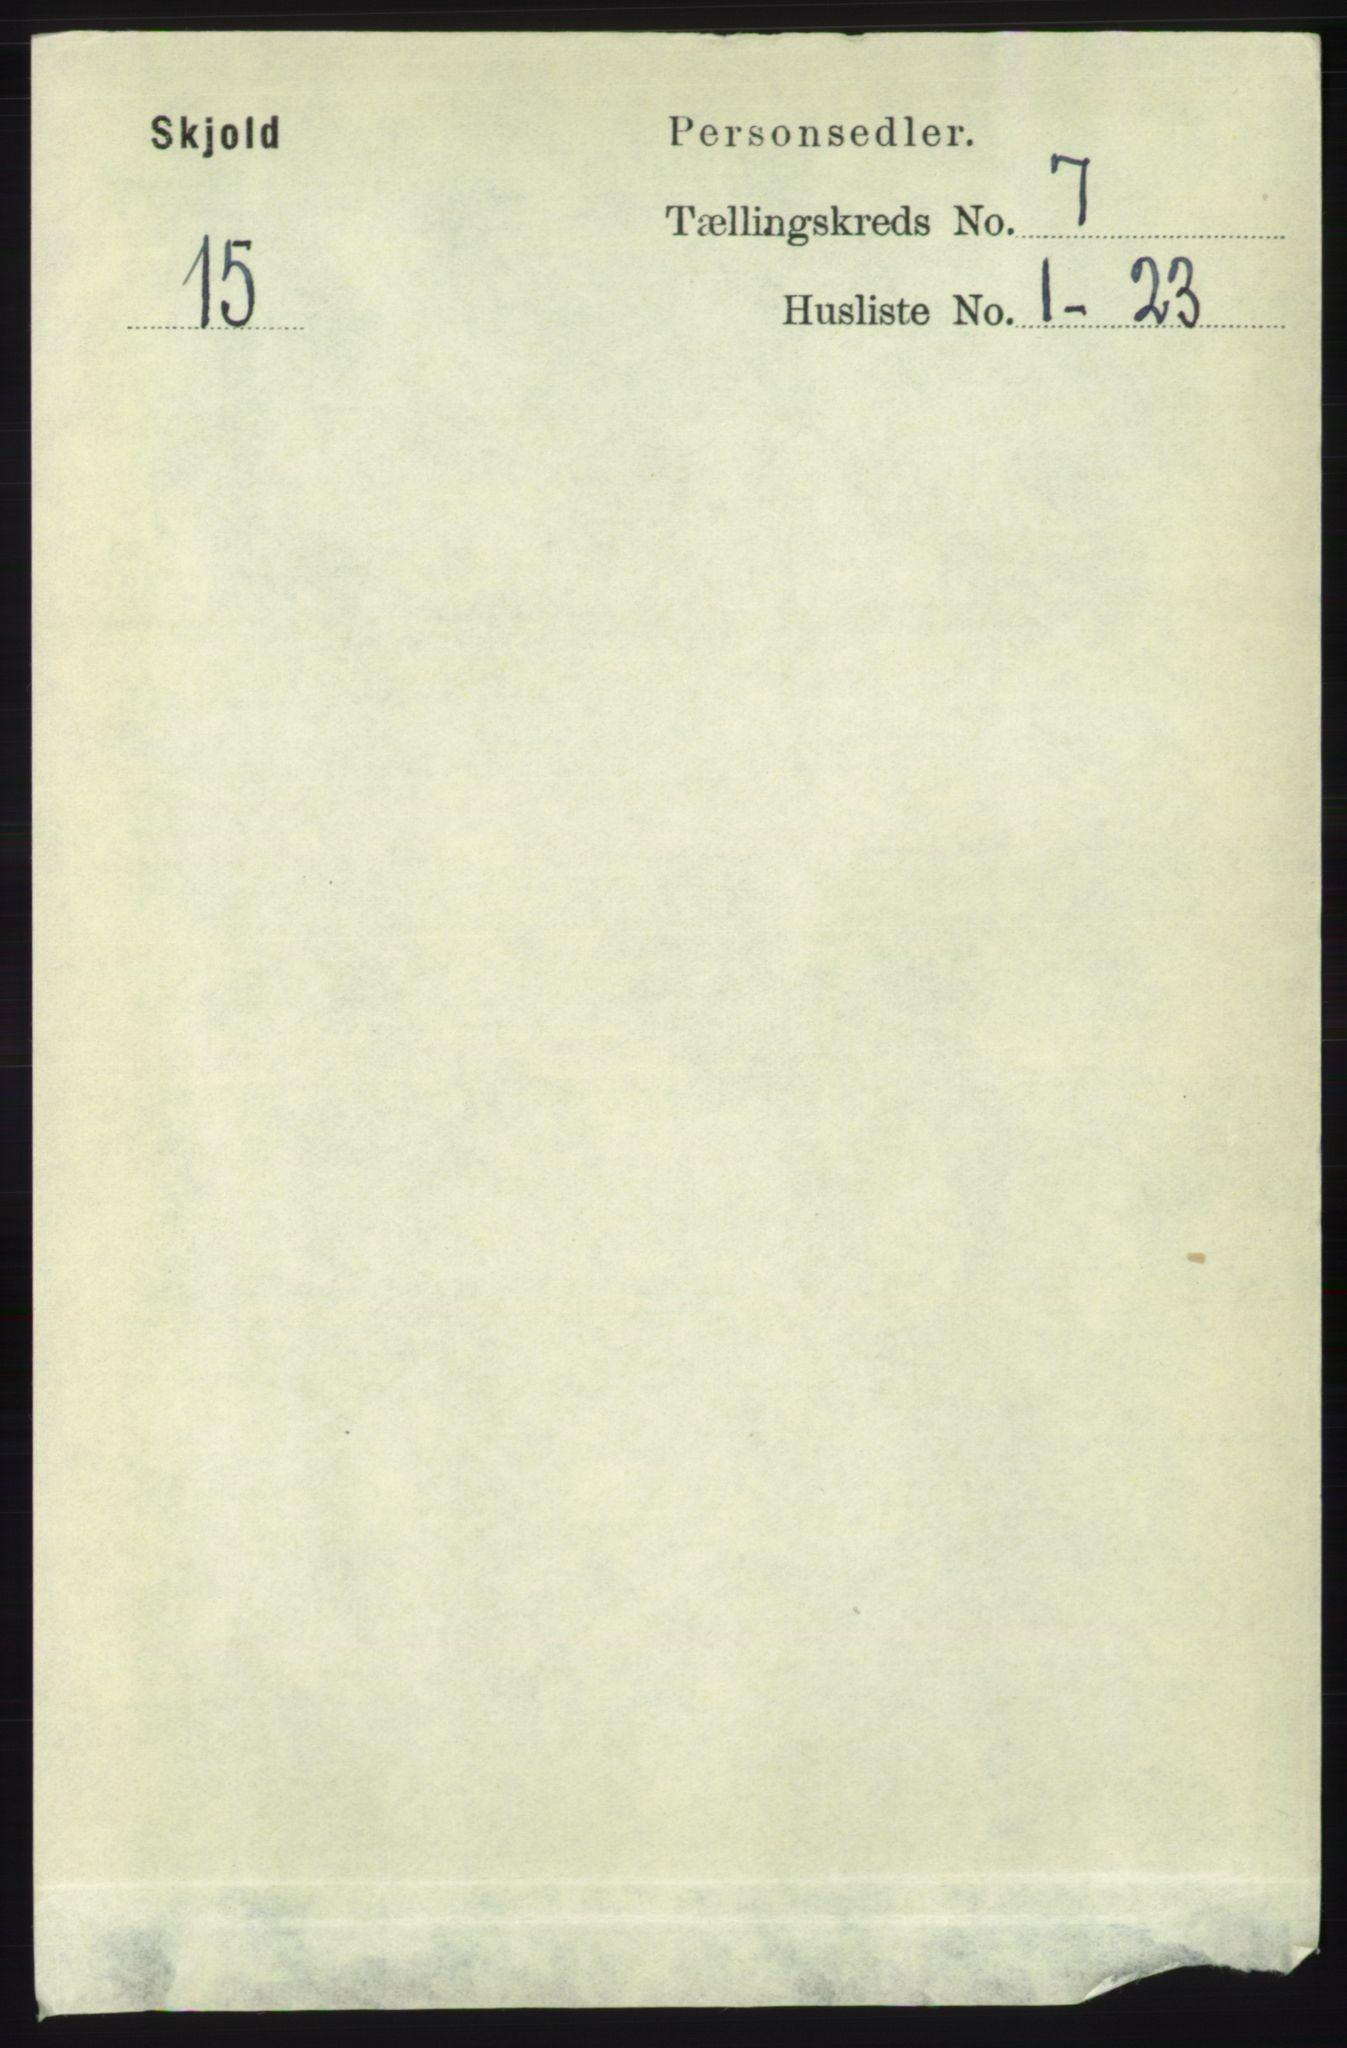 RA, Folketelling 1891 for 1154 Skjold herred, 1891, s. 1348